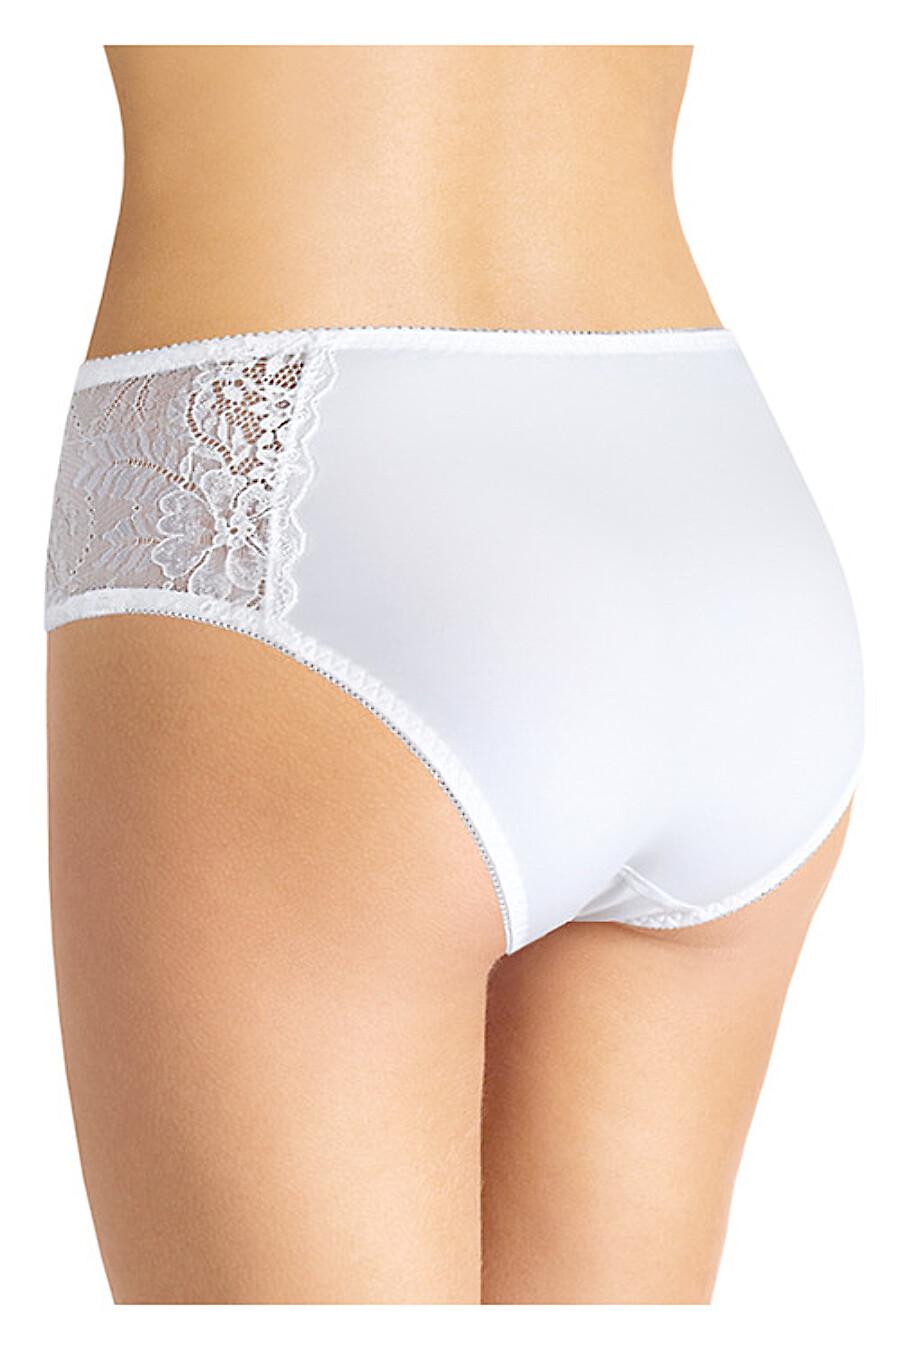 Трусы для женщин CLEVER 151836 купить оптом от производителя. Совместная покупка женской одежды в OptMoyo